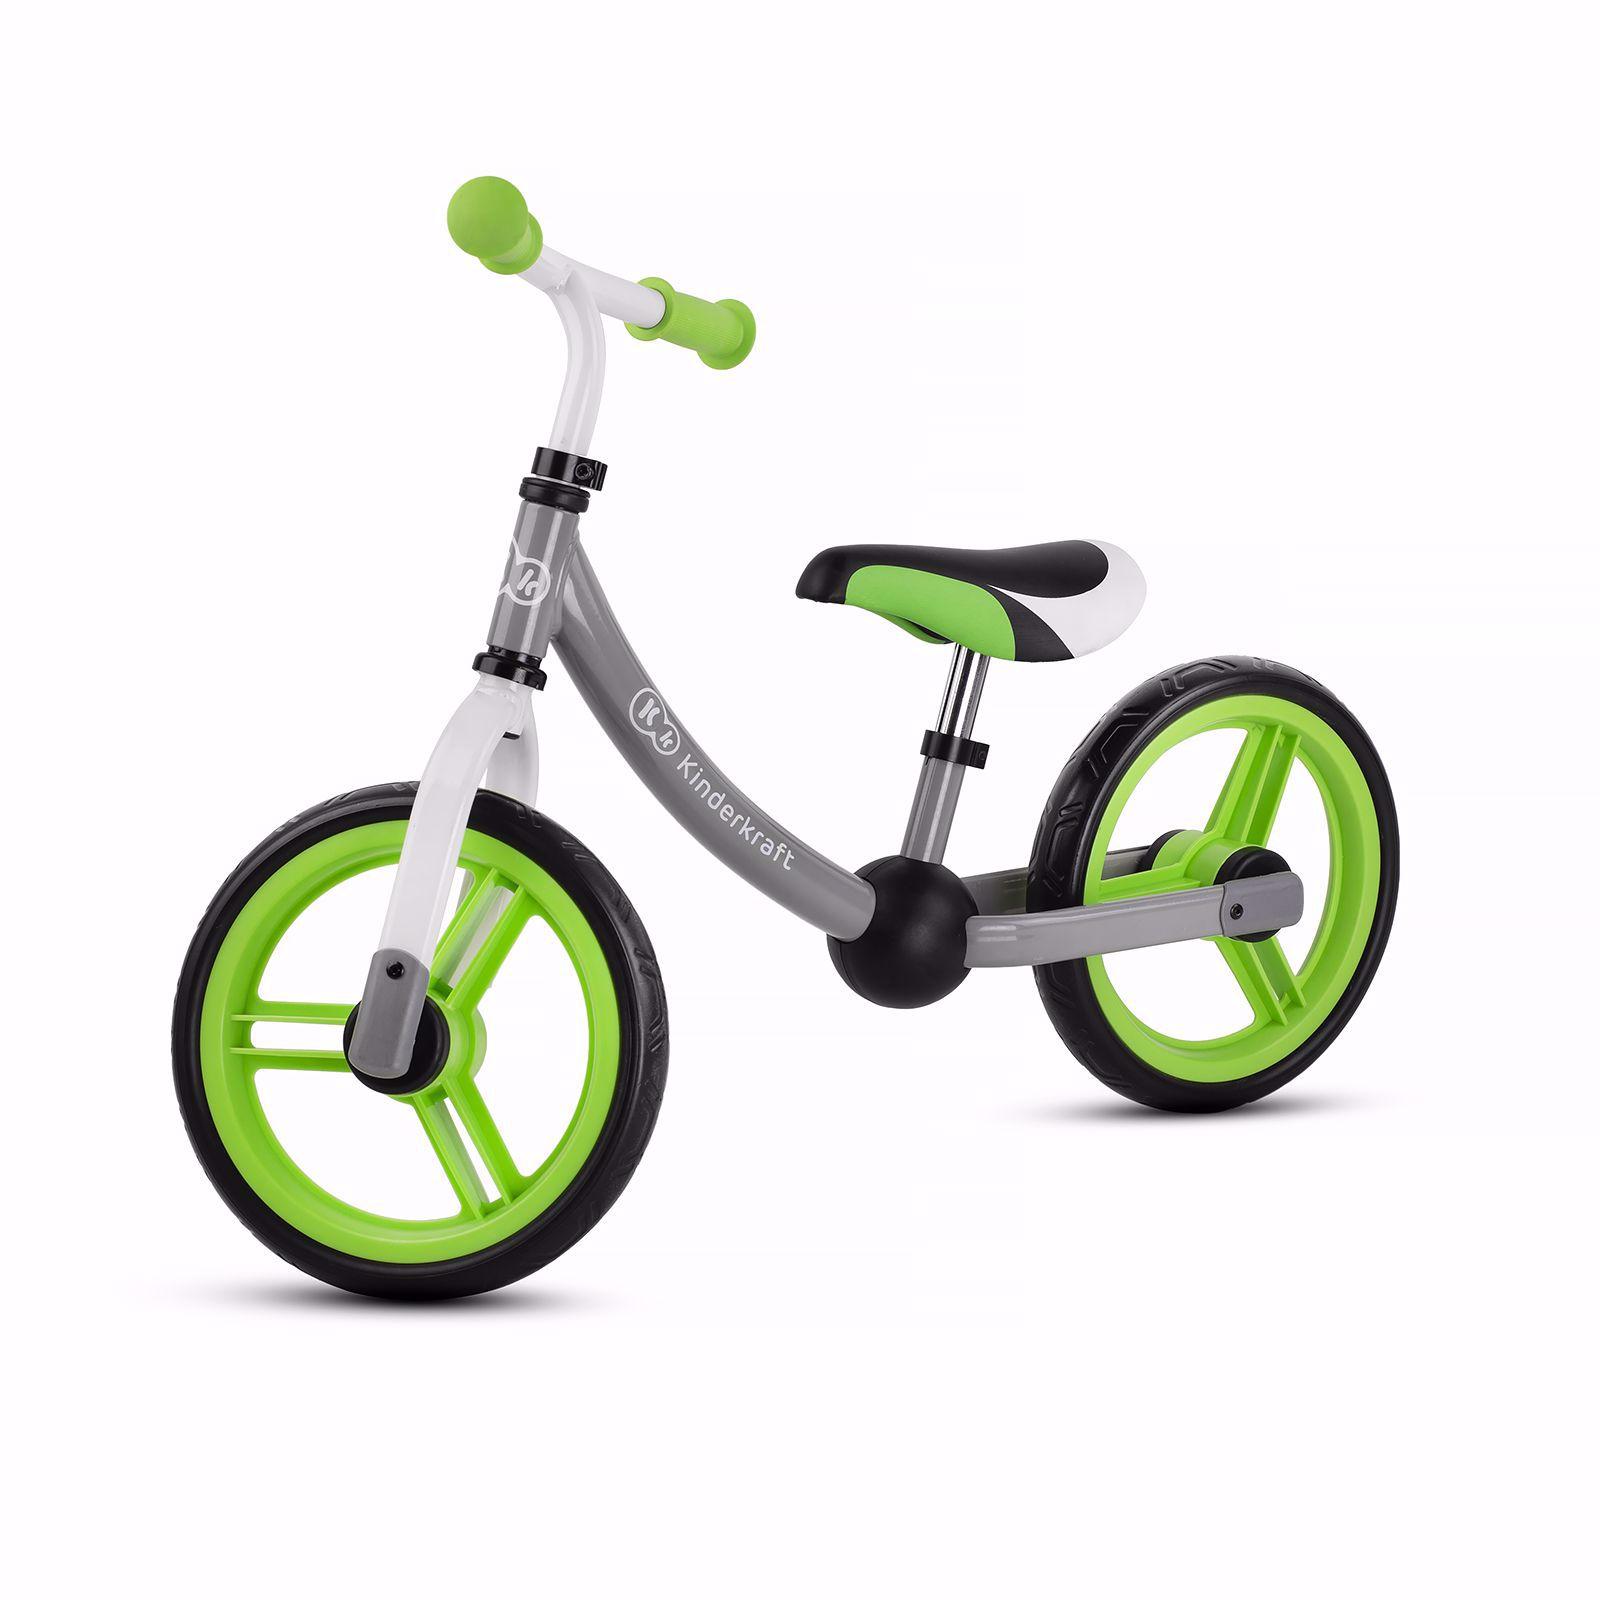 Obrazek Kinderkraft rowerek biegowy 2WAY next green/gray